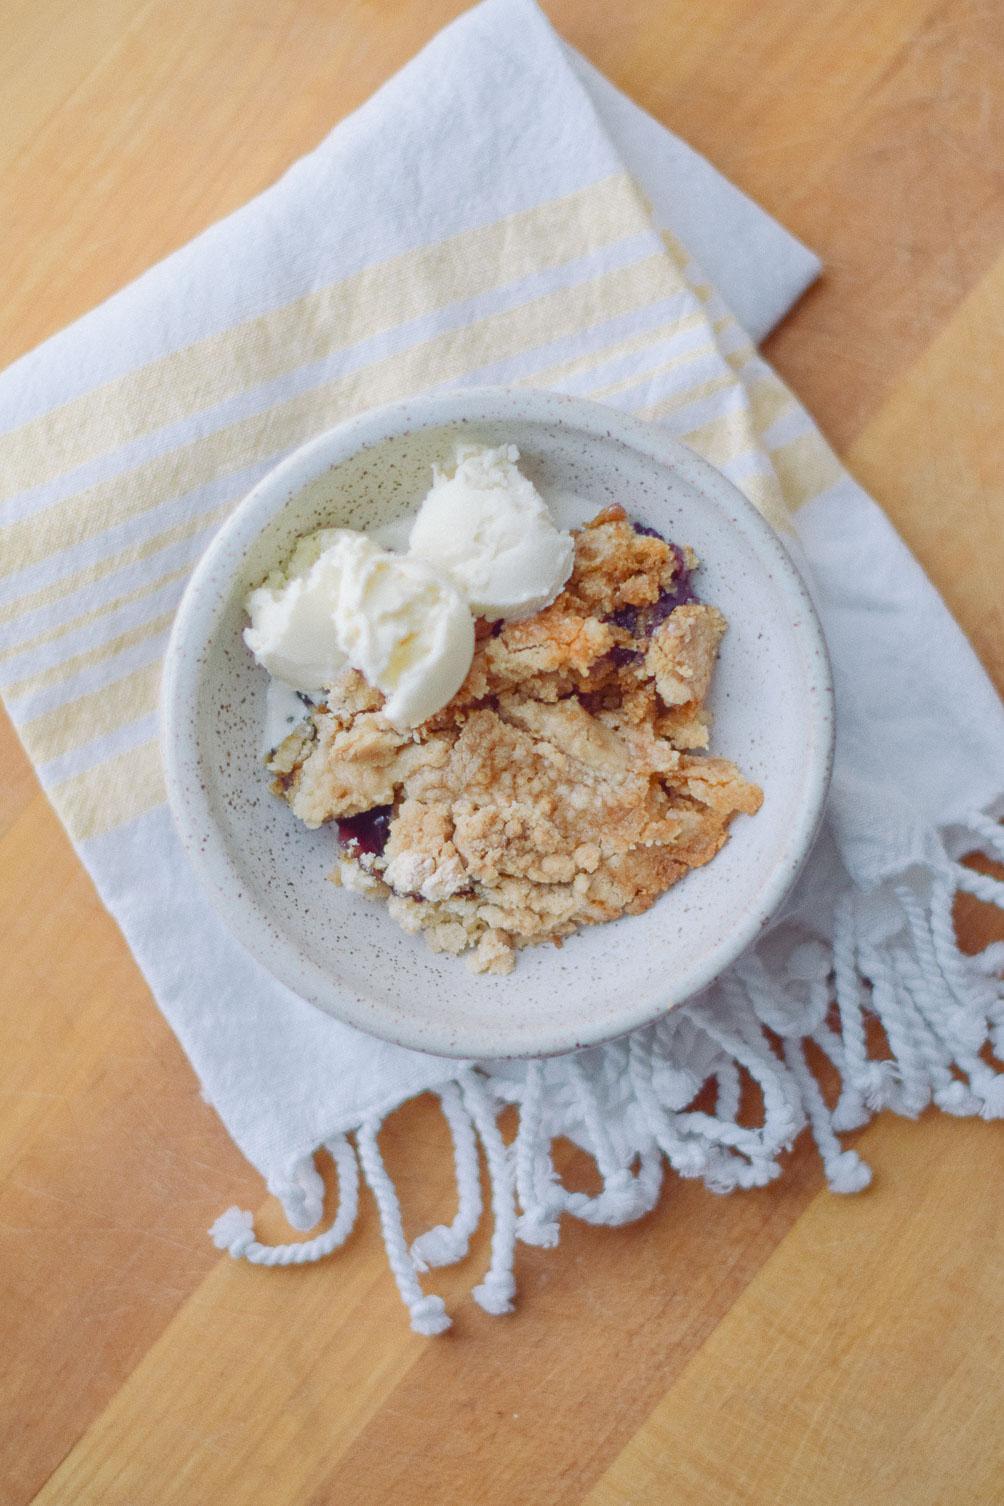 sharing an easy dessert recipe for blueberry dump cake